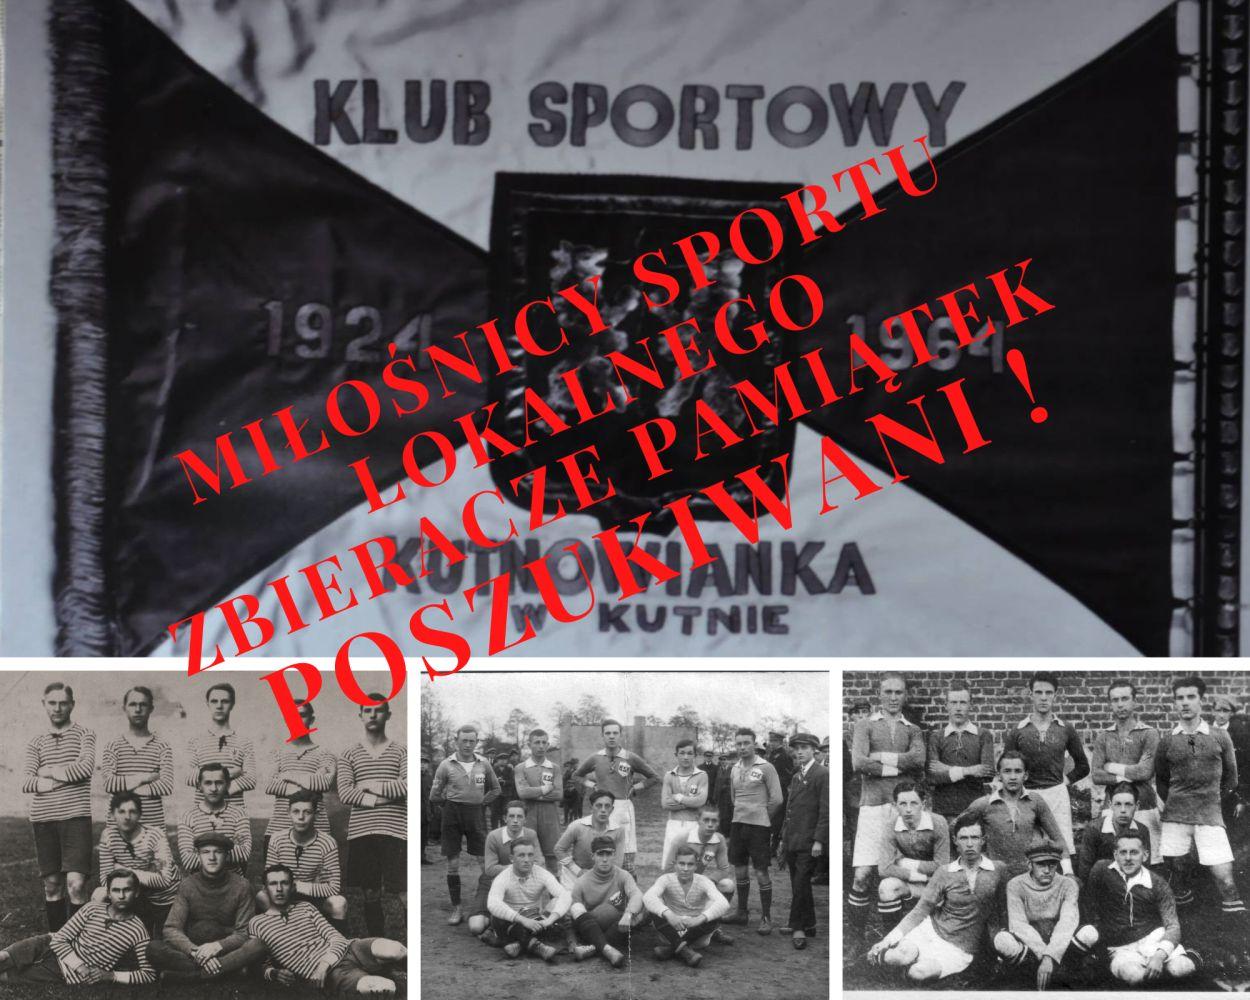 100-lecie Kutnowianki! Szukają pamiątek klubowych, jest apel do kolekcjonerów - Zdjęcie główne